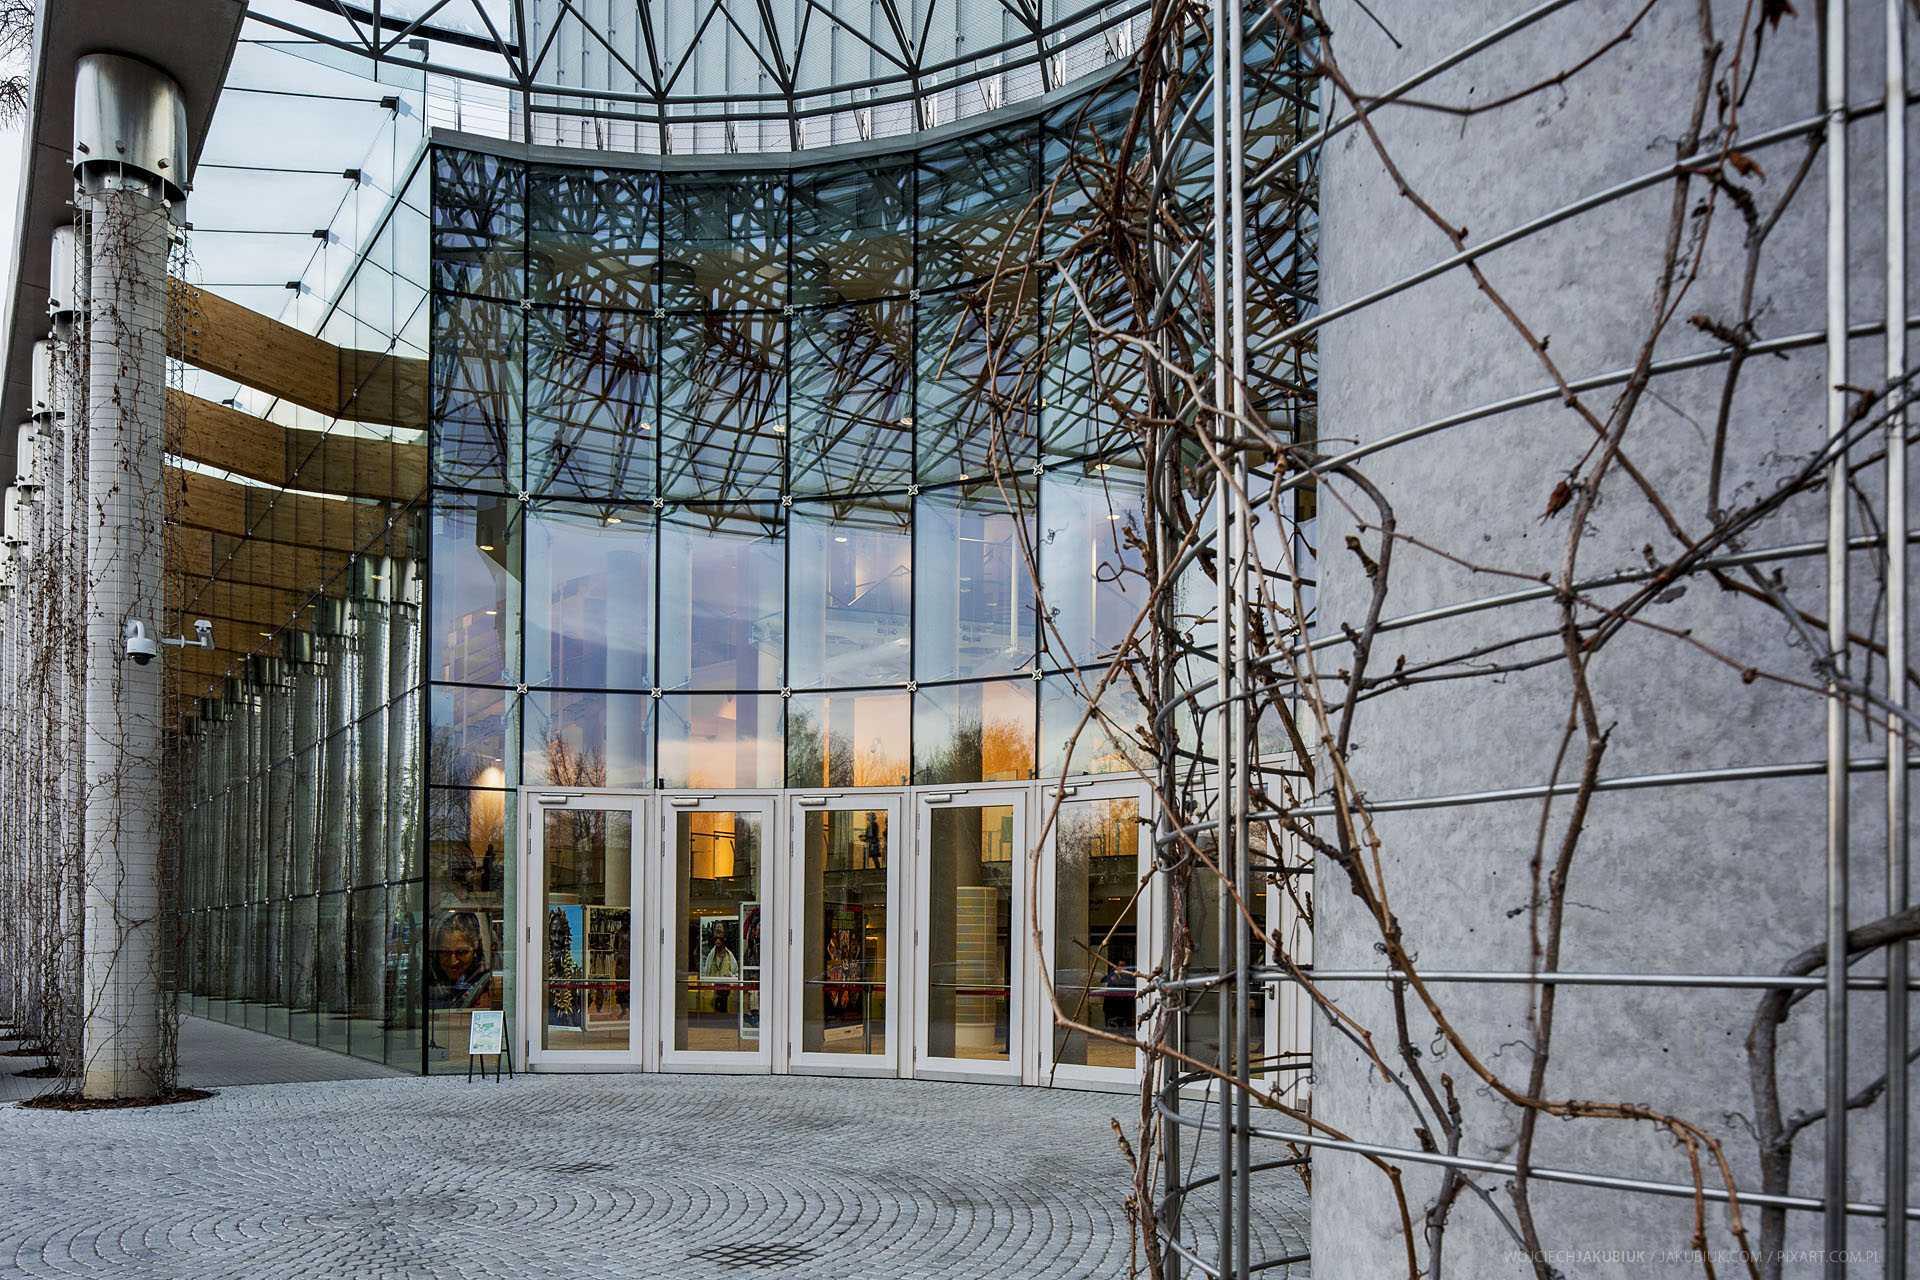 Podlasie Opera and Philharmonic - European Art Centre in Bialystok, Poland.